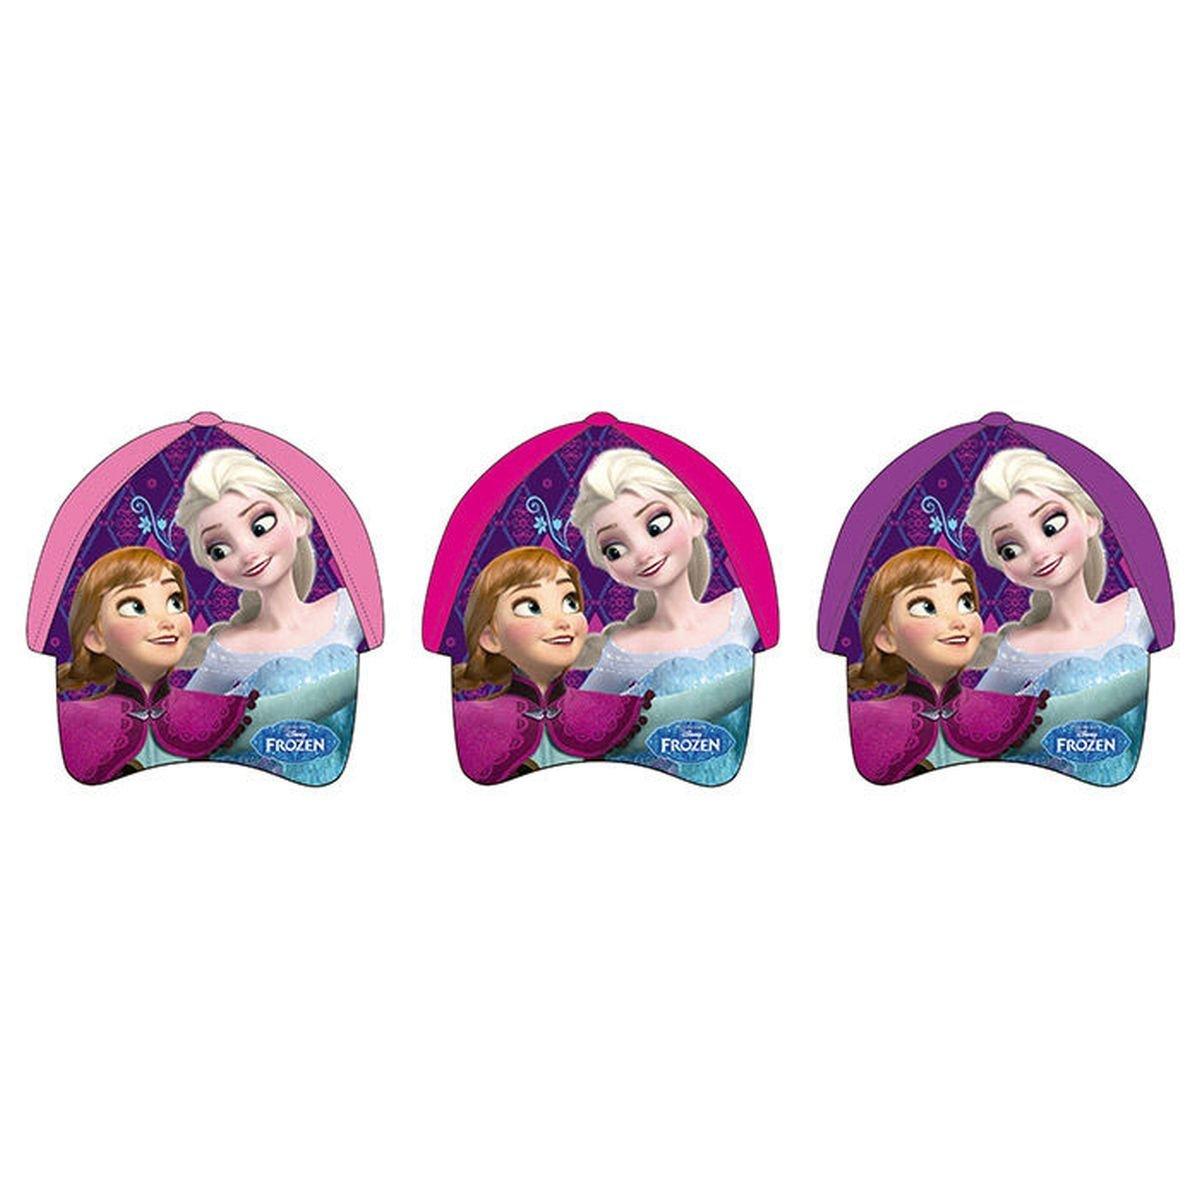 1x Frozen regalo Idea